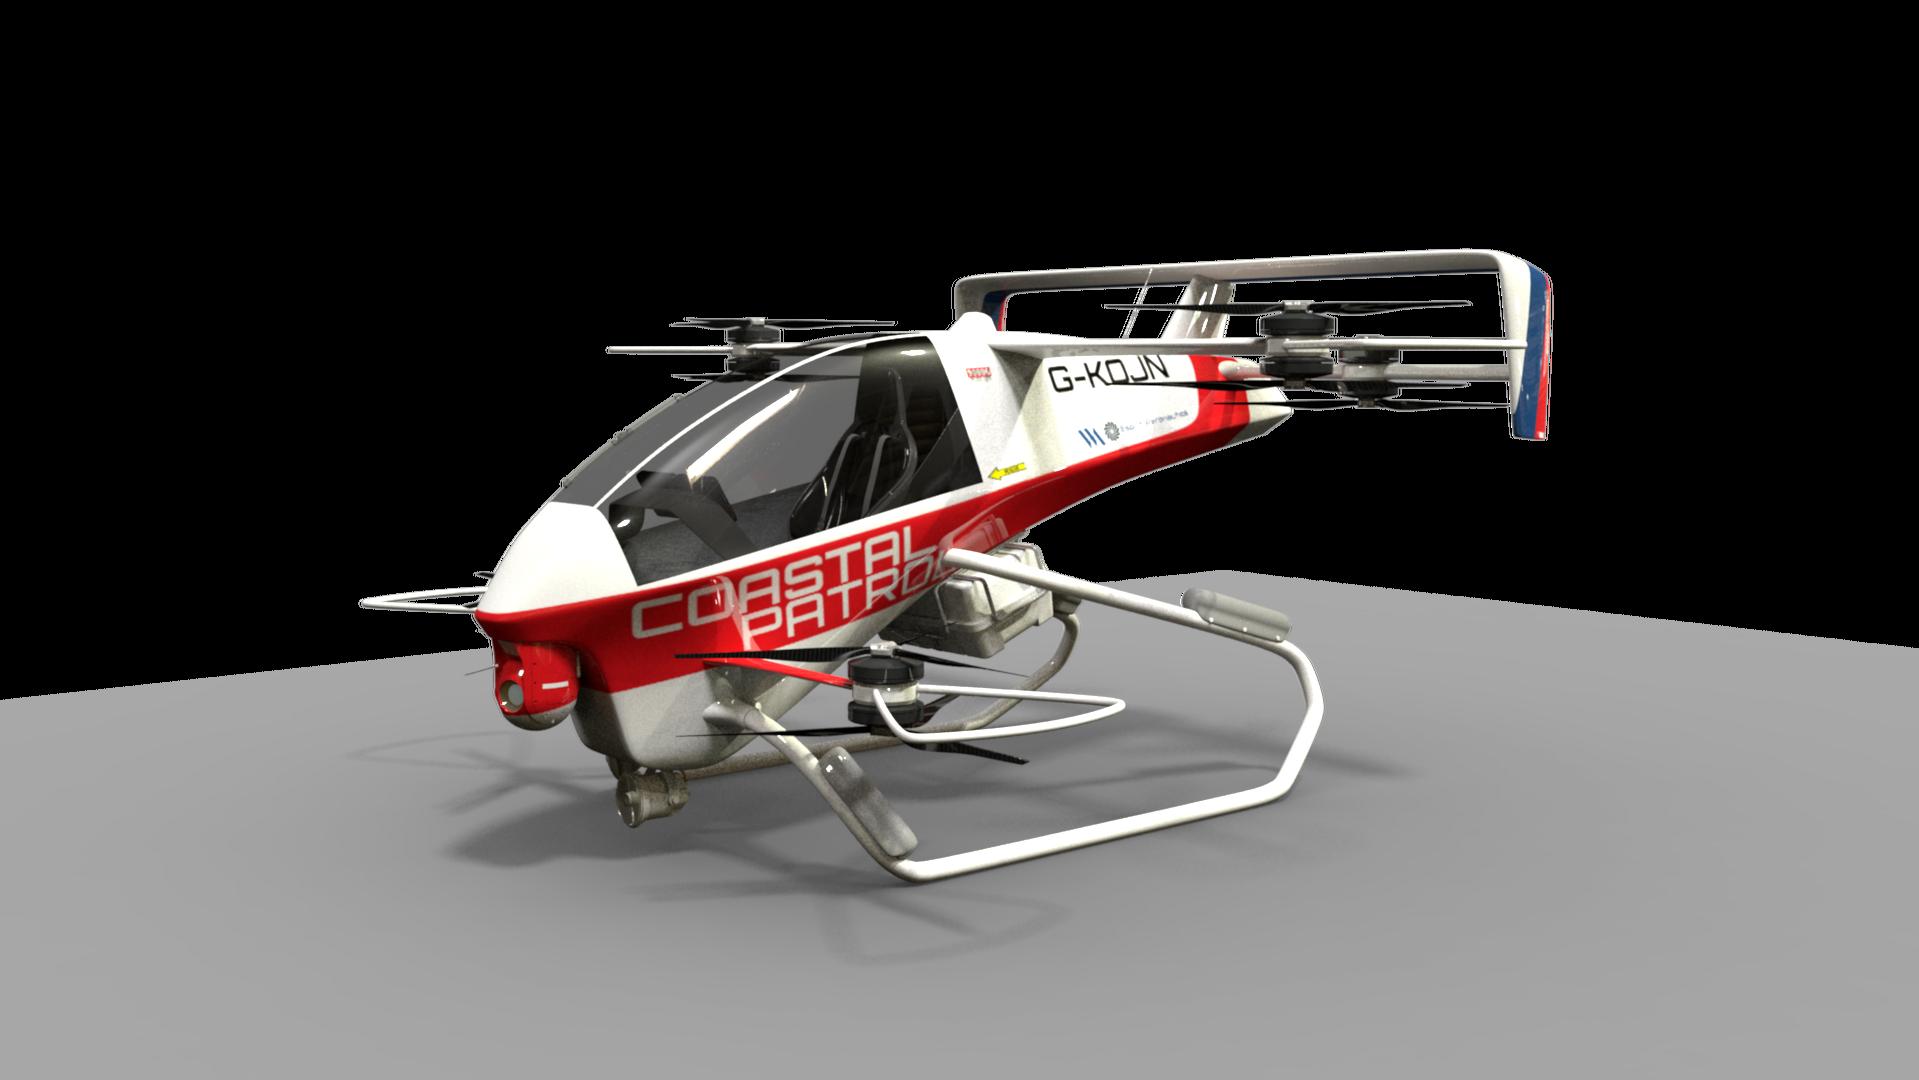 Home Esprit Aero in 2020 Propulsion, Aeronautics, Esprit